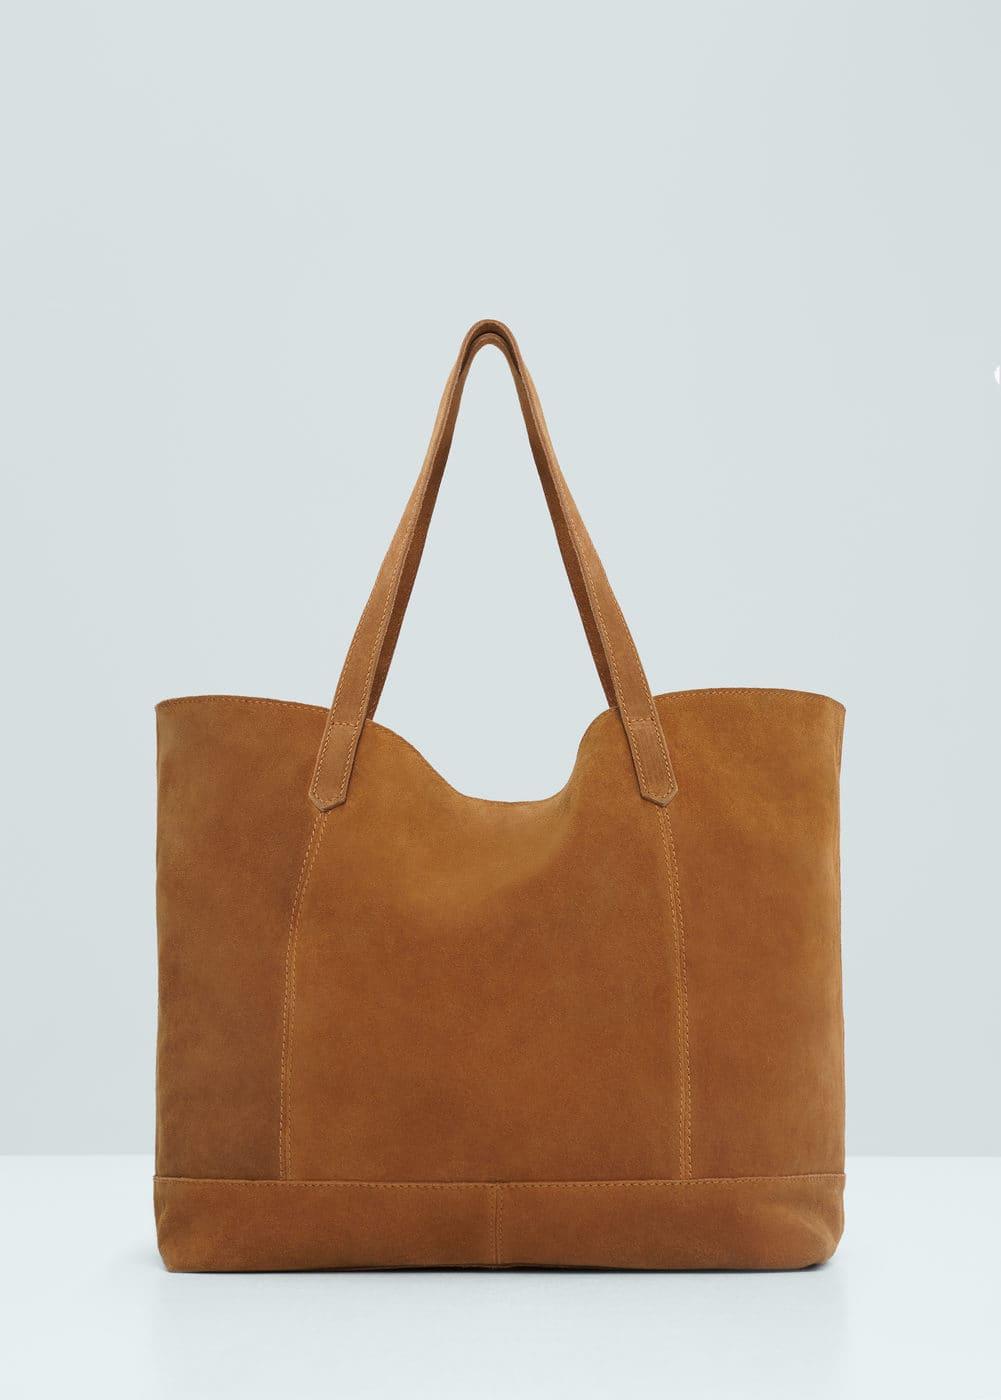 绒面革购物袋 | MANGO